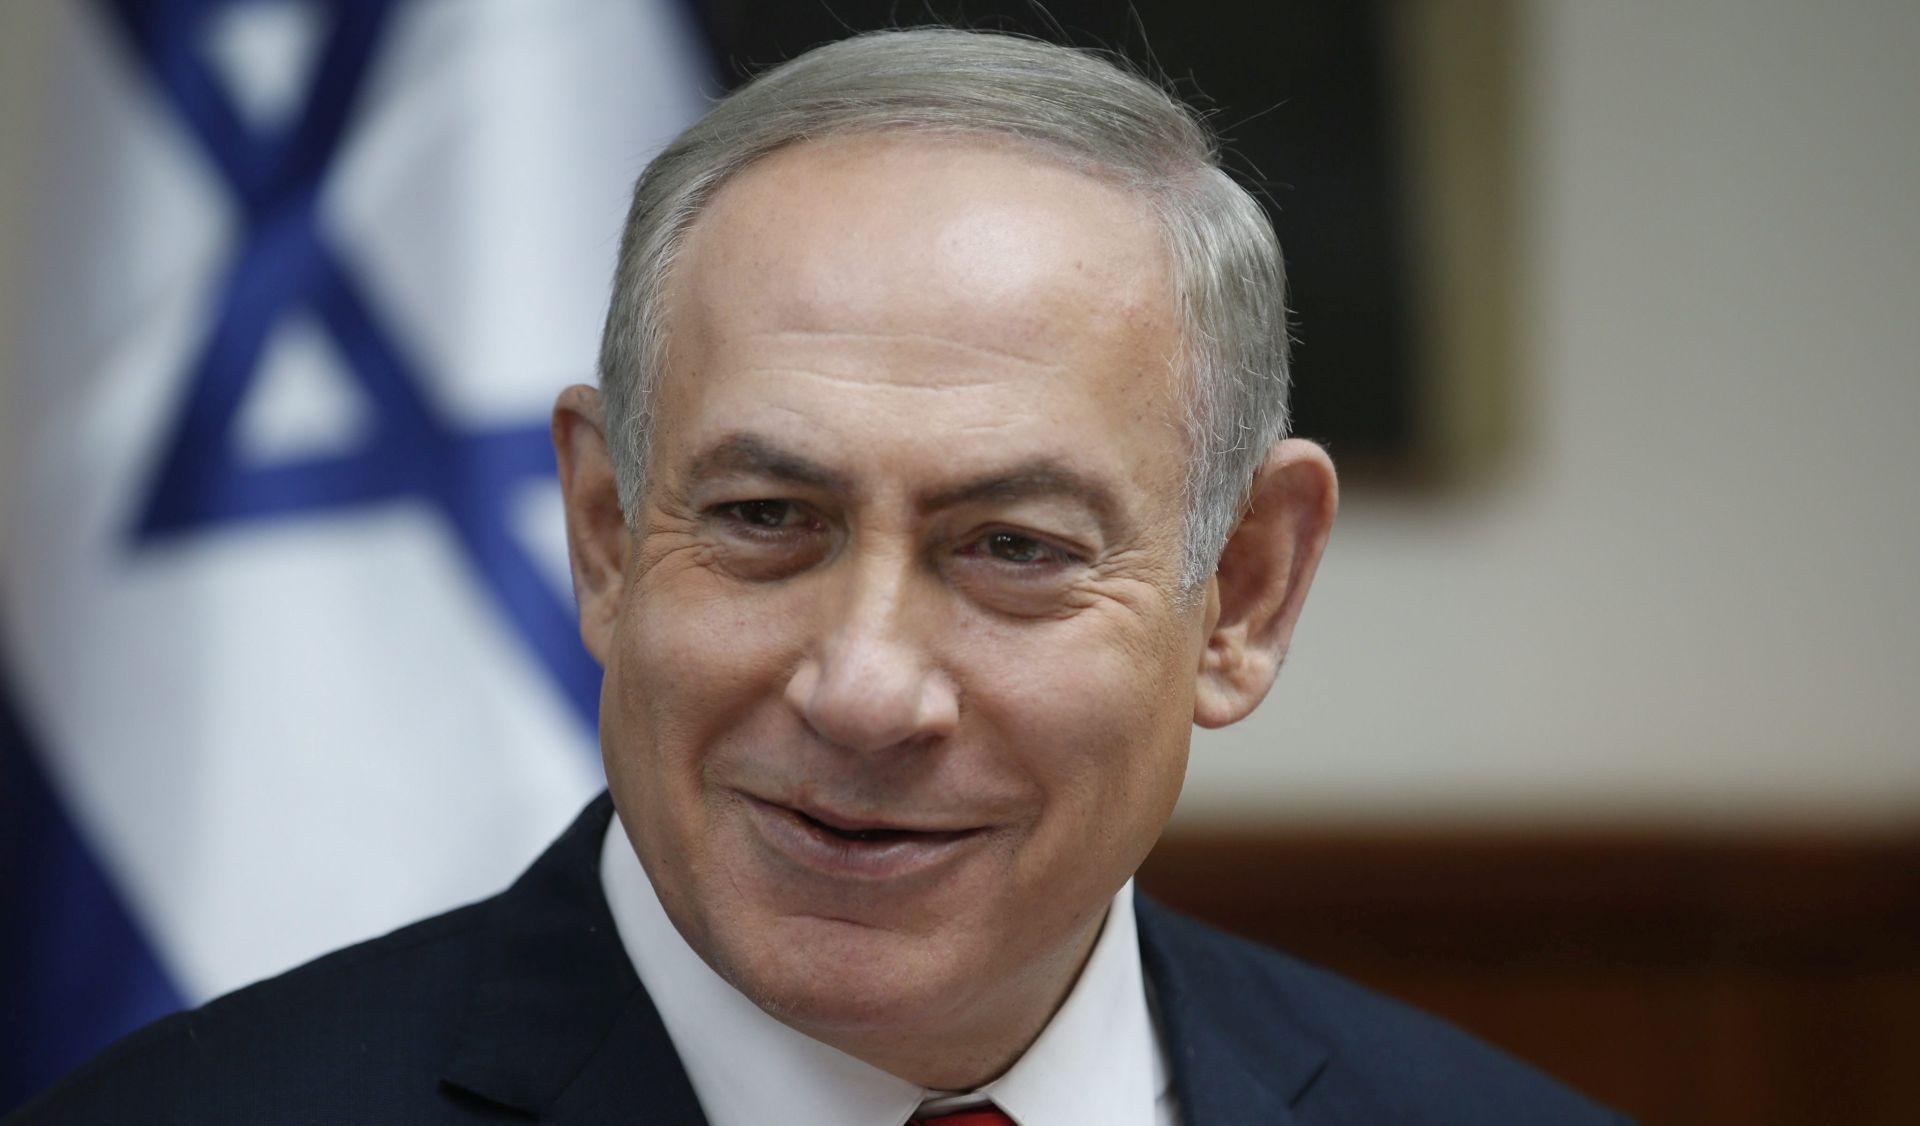 Netanyahu u neprilici zbog podrške Trumpovu zidu